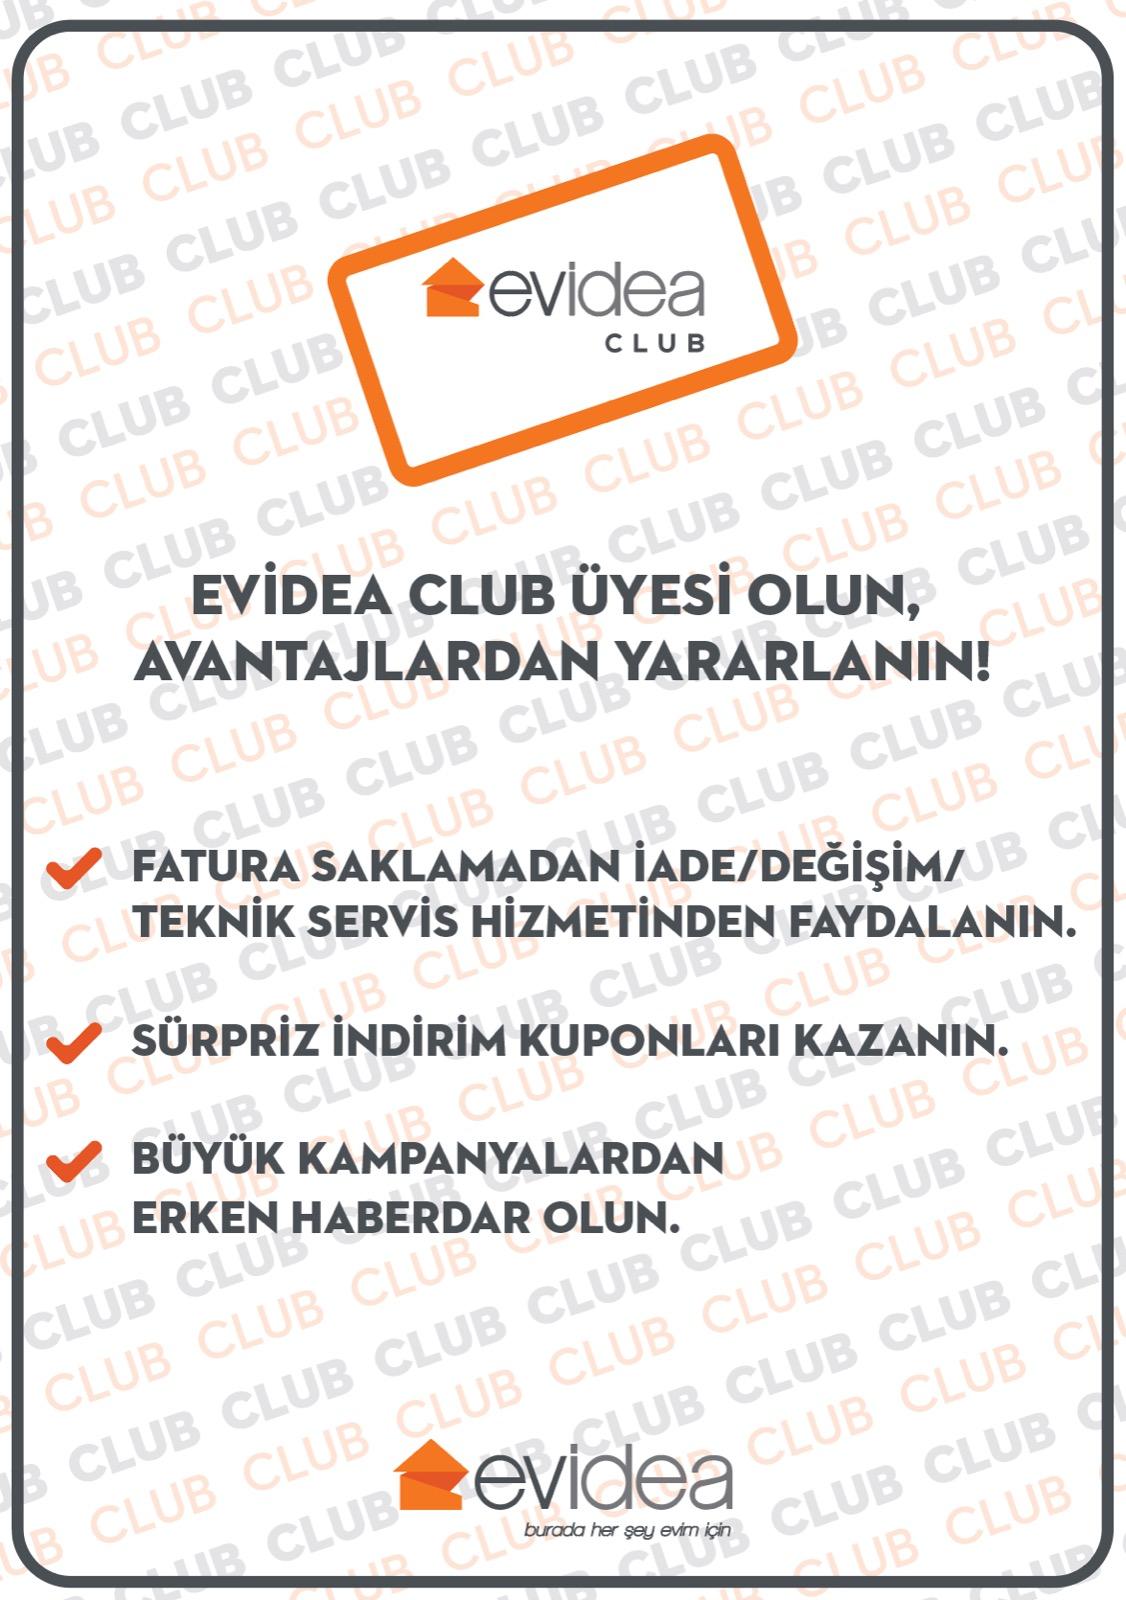 Evidea Club Üyesi Olun, Avantajlardan Yararlanın!